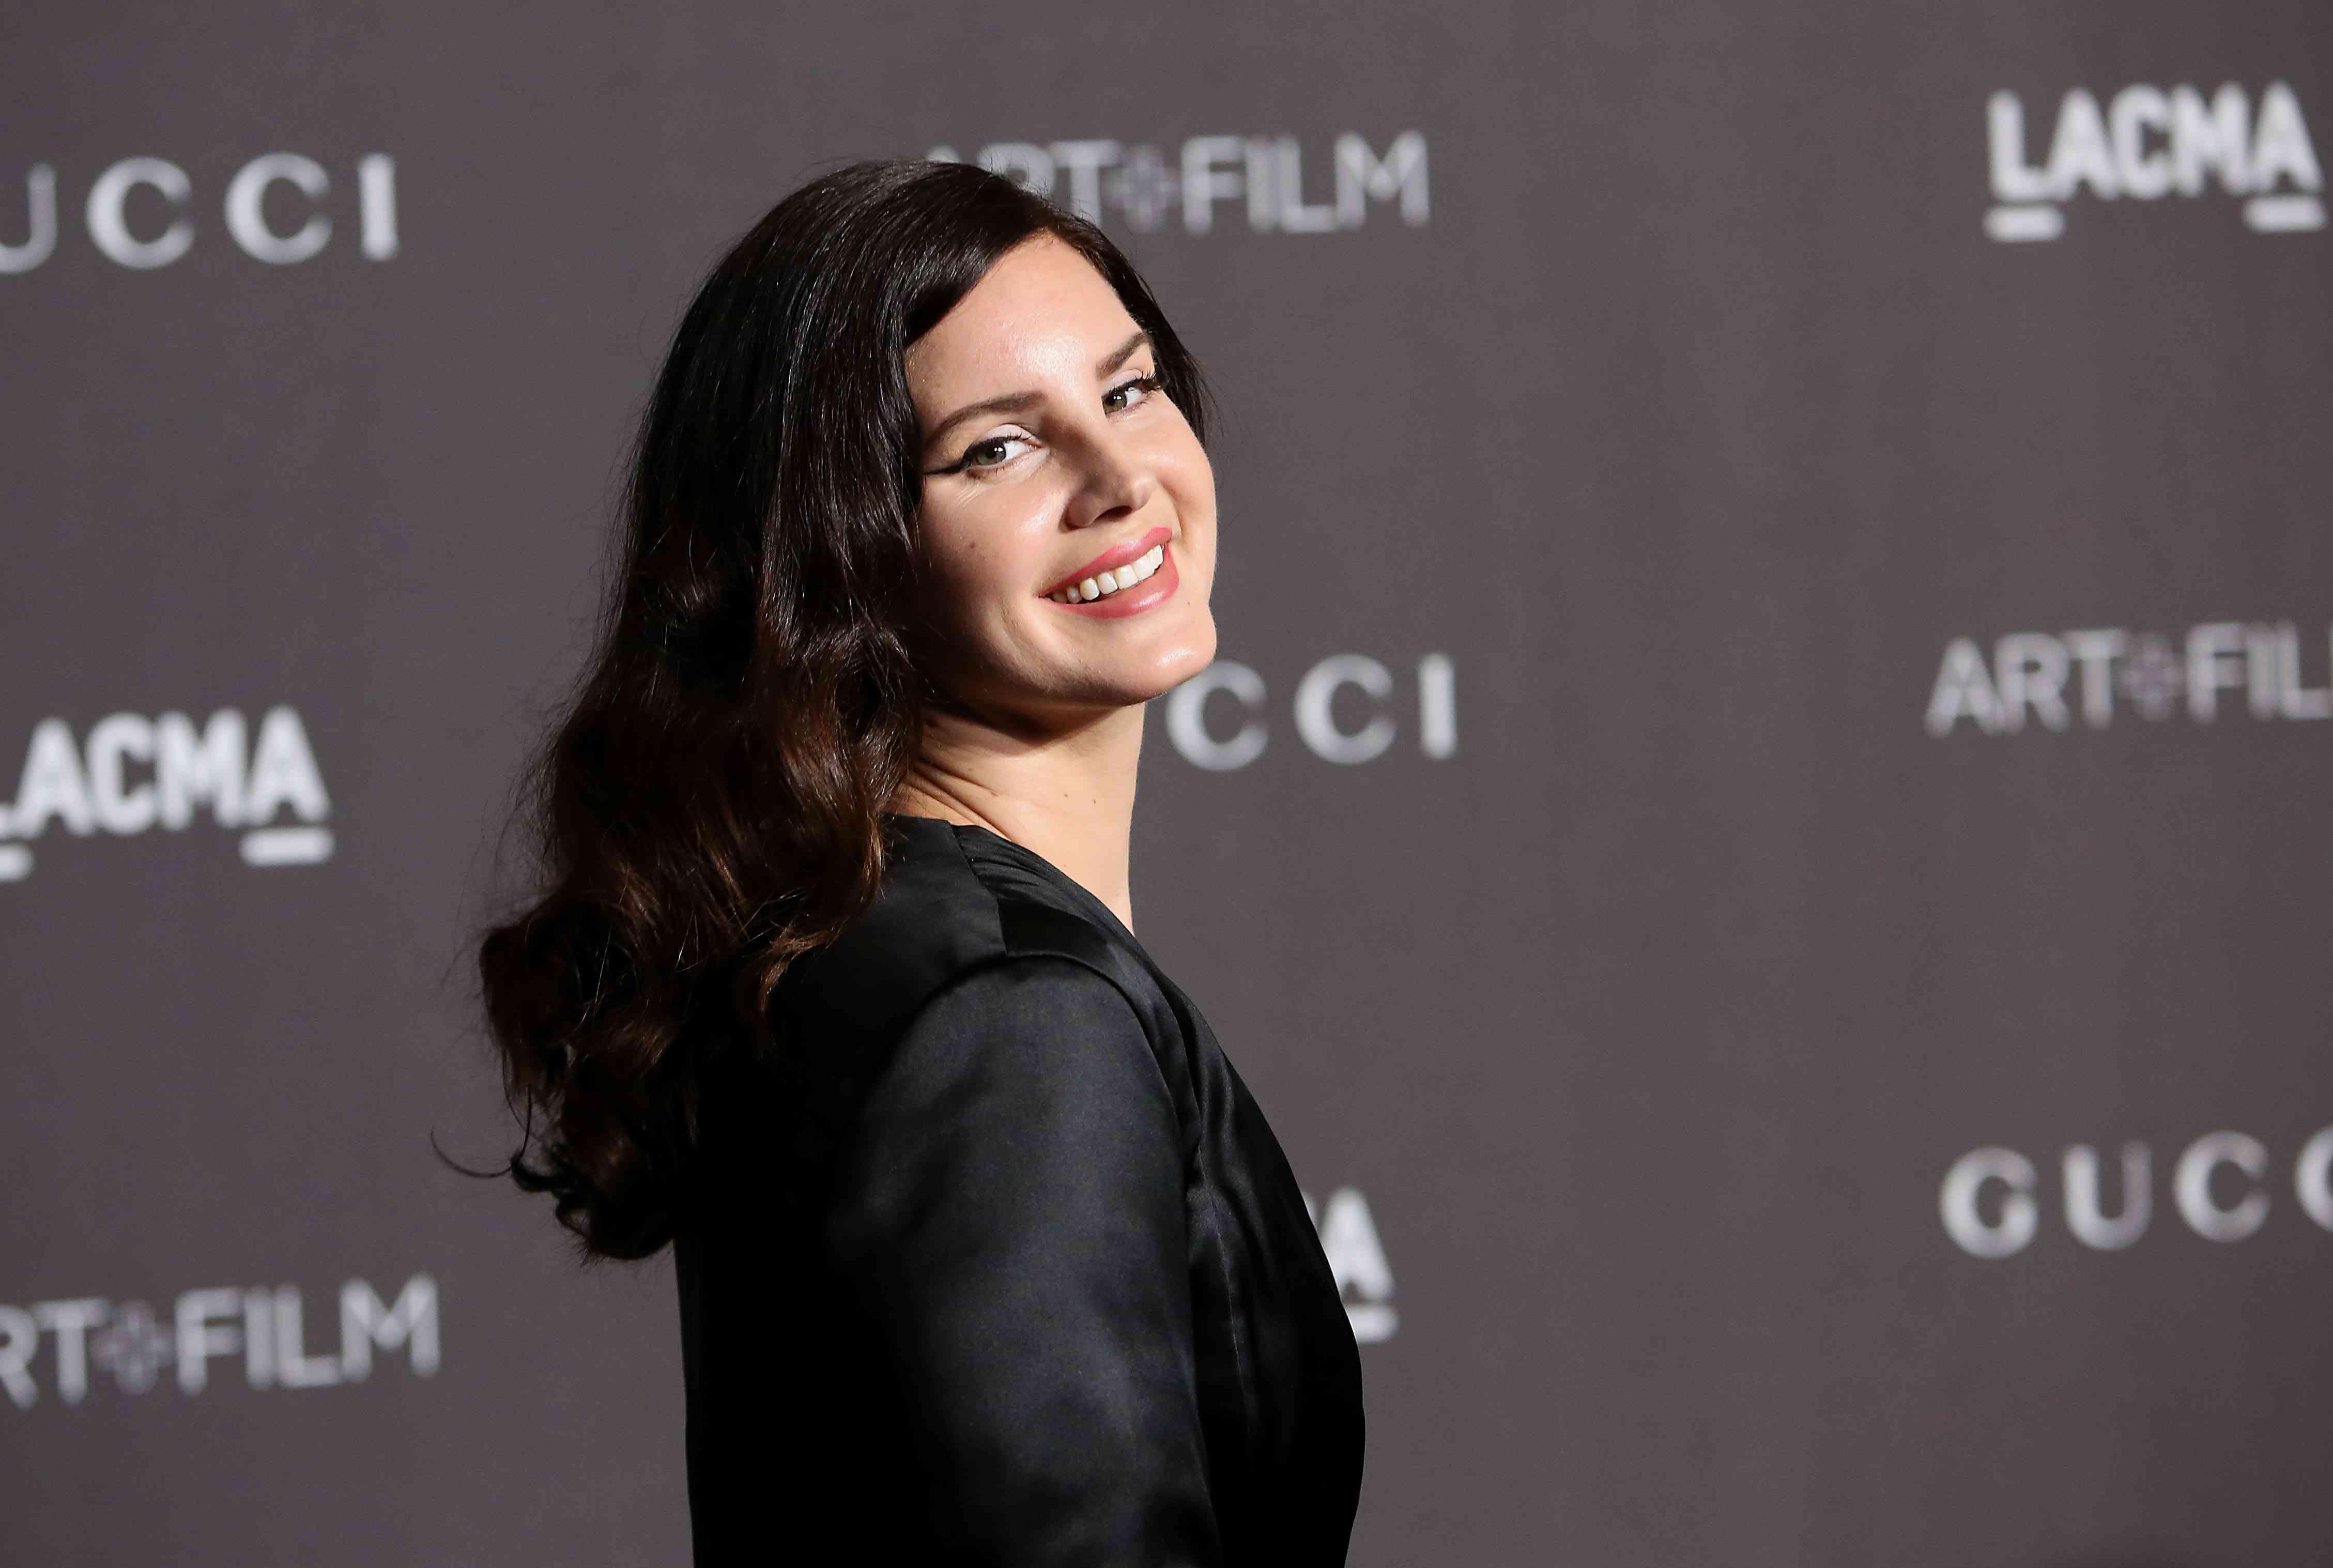 Lana Del Rey engaged